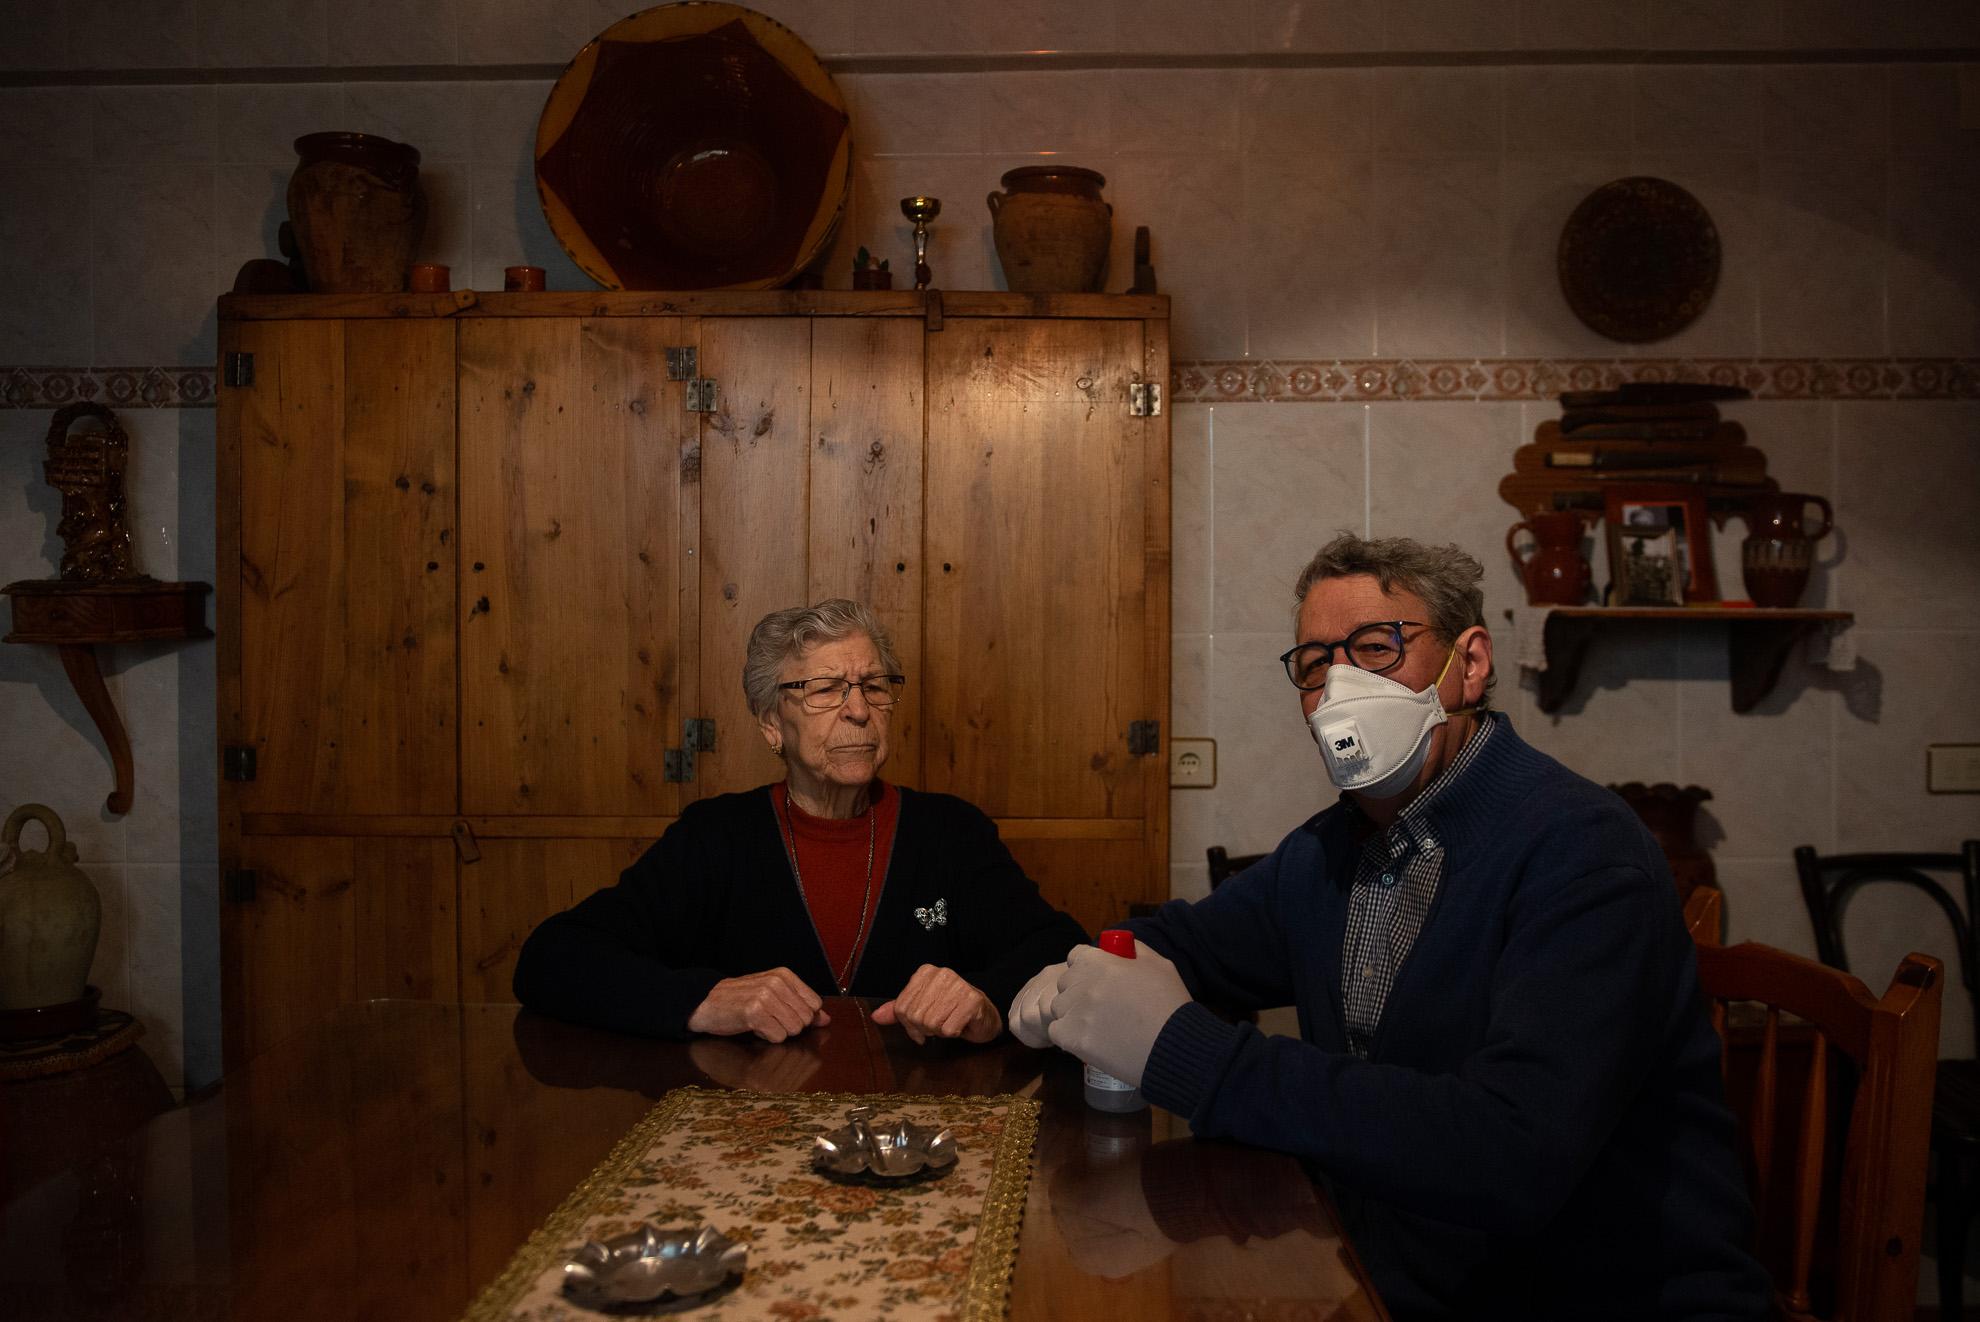 Elvira tiene 87 años y vive sola en Aguarón un pequeño municipio de la provincia de Zaragoza. Todos los días recibe la visita de su hijo y la atención domiciliaria de Humildad que trabaja en el servicio comarcal de la ayuda a domicilio. Dice que se siente muy bien atendida en estos tiempos extraños en que debe permanecer en casa para no contagiarse de covid-19.